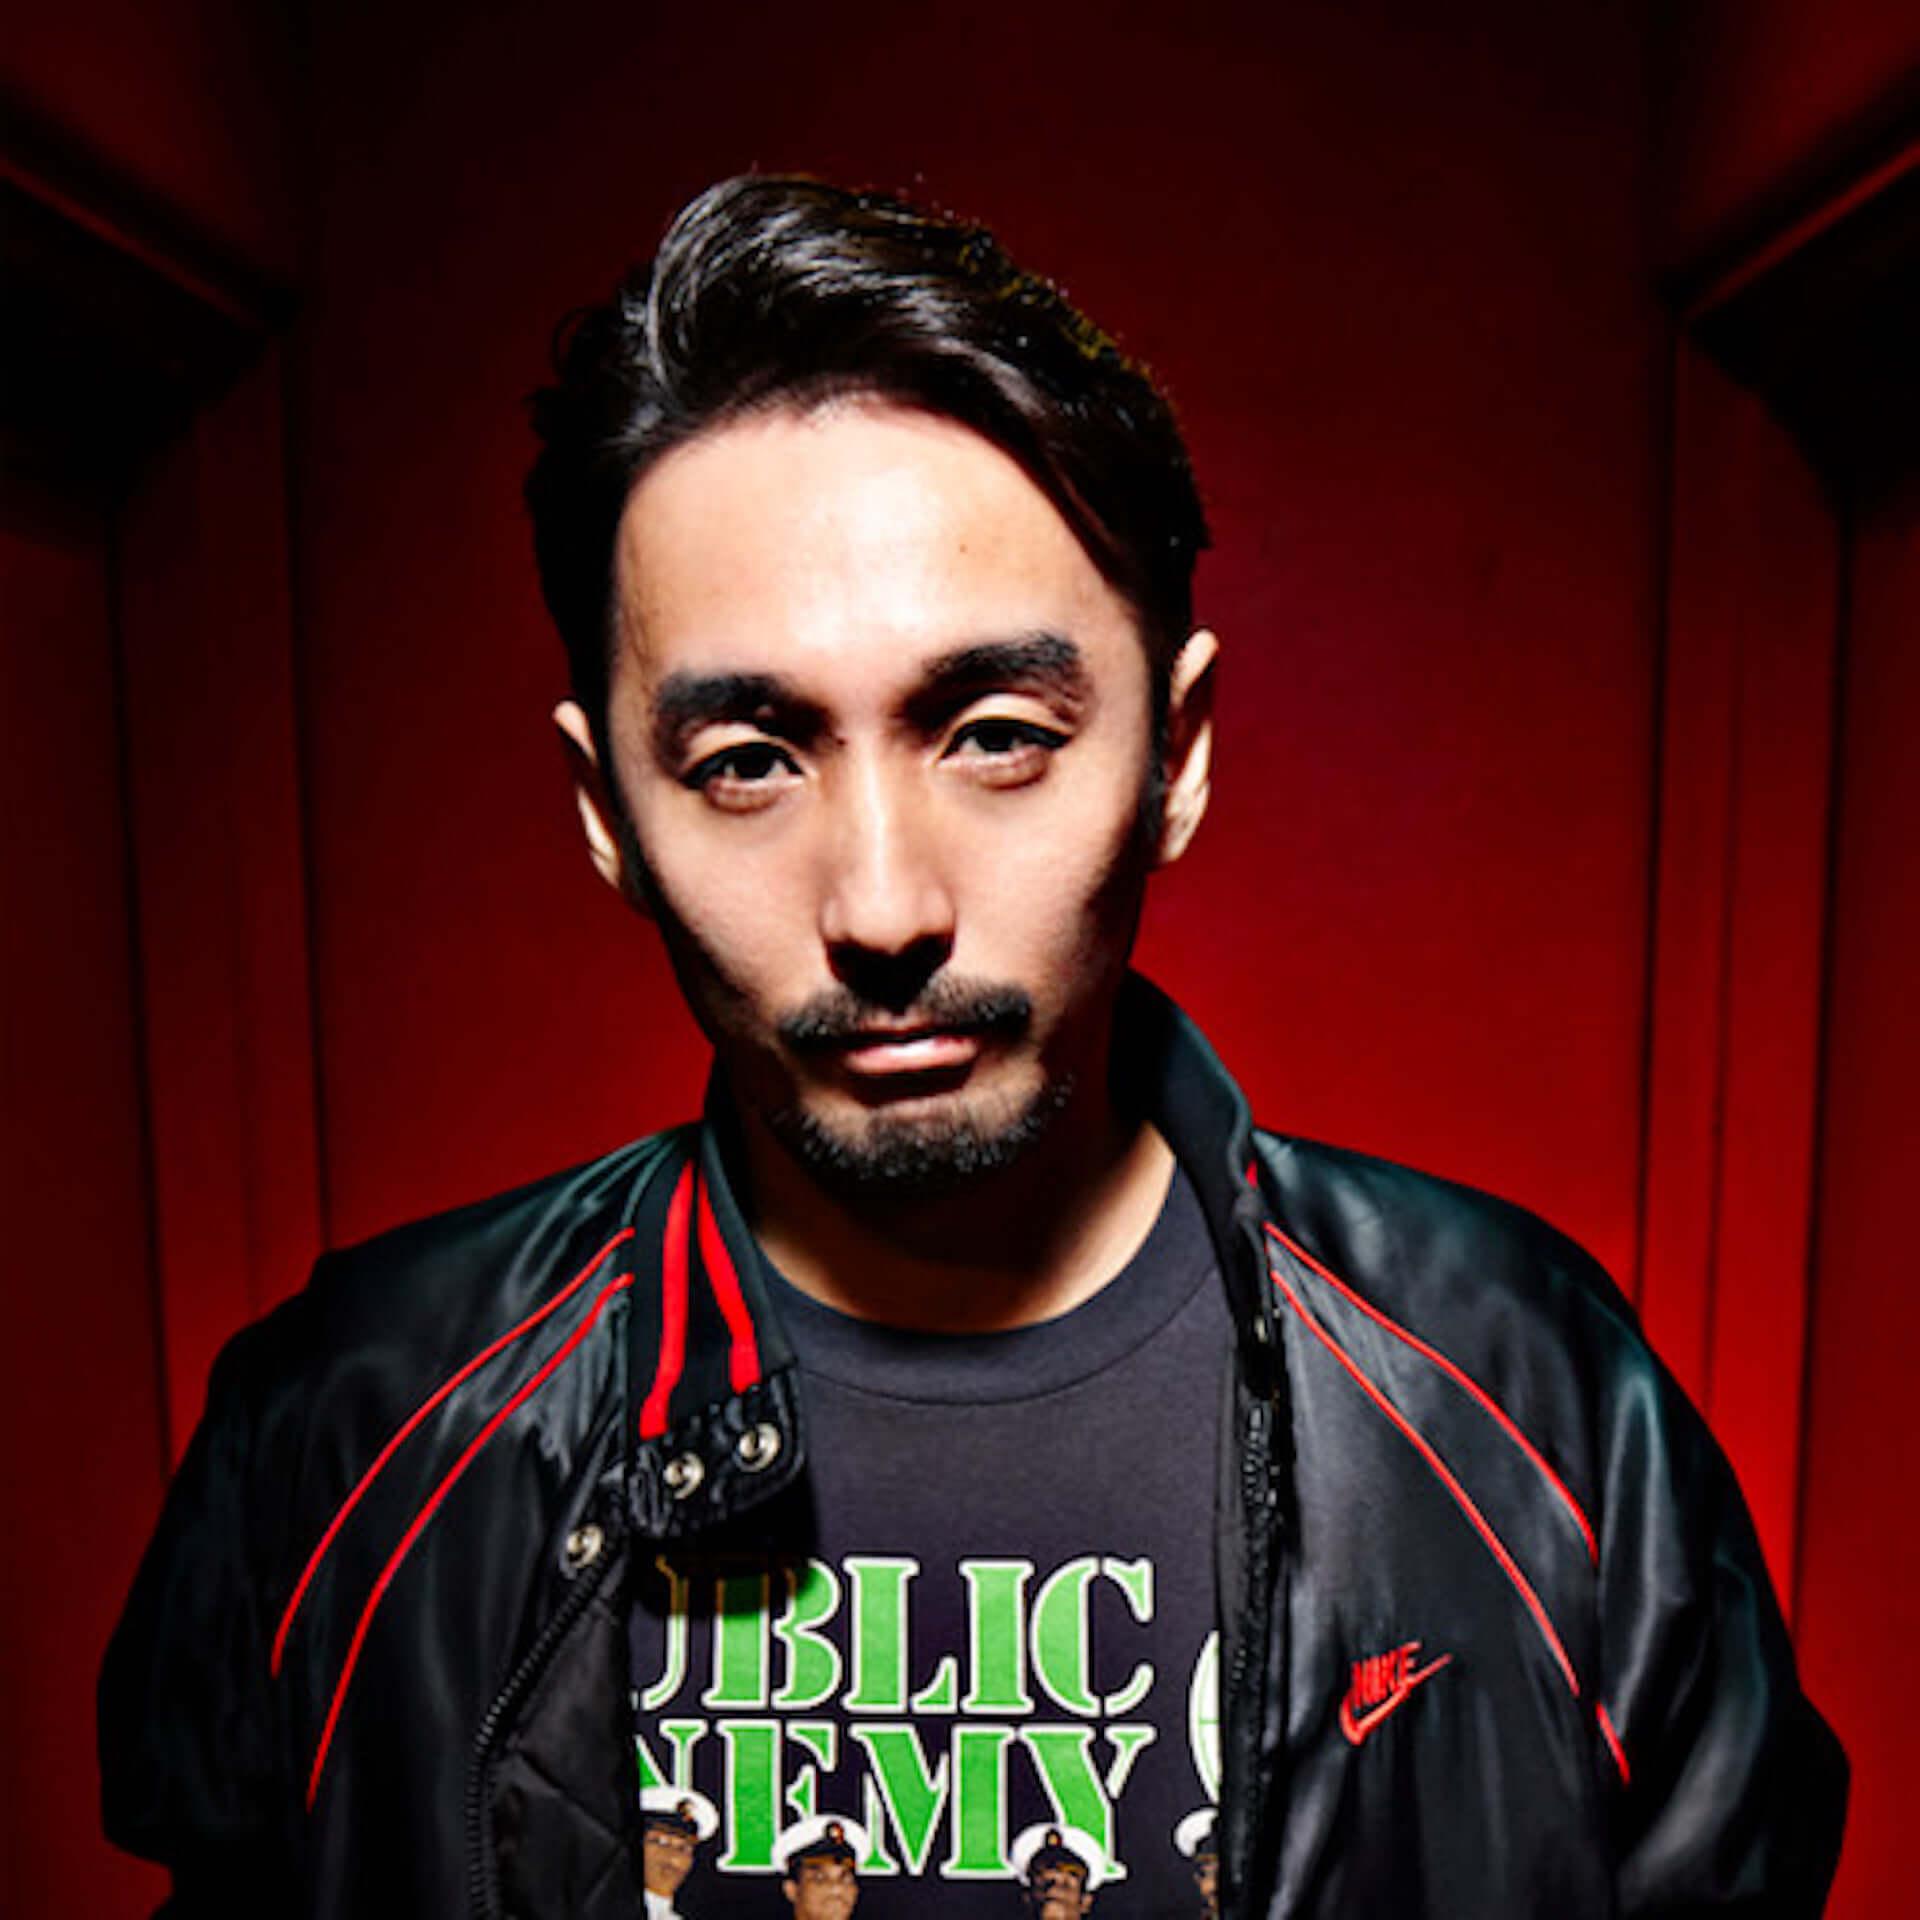 渋谷・VISIONの営業再開パーティー第3&4弾が今週末開催!FUJI TRILL、DJ HAZIME、DJ CHARI&DJ TATSUKIらが出演 music200625_vision-tokyo_5-1920x1920